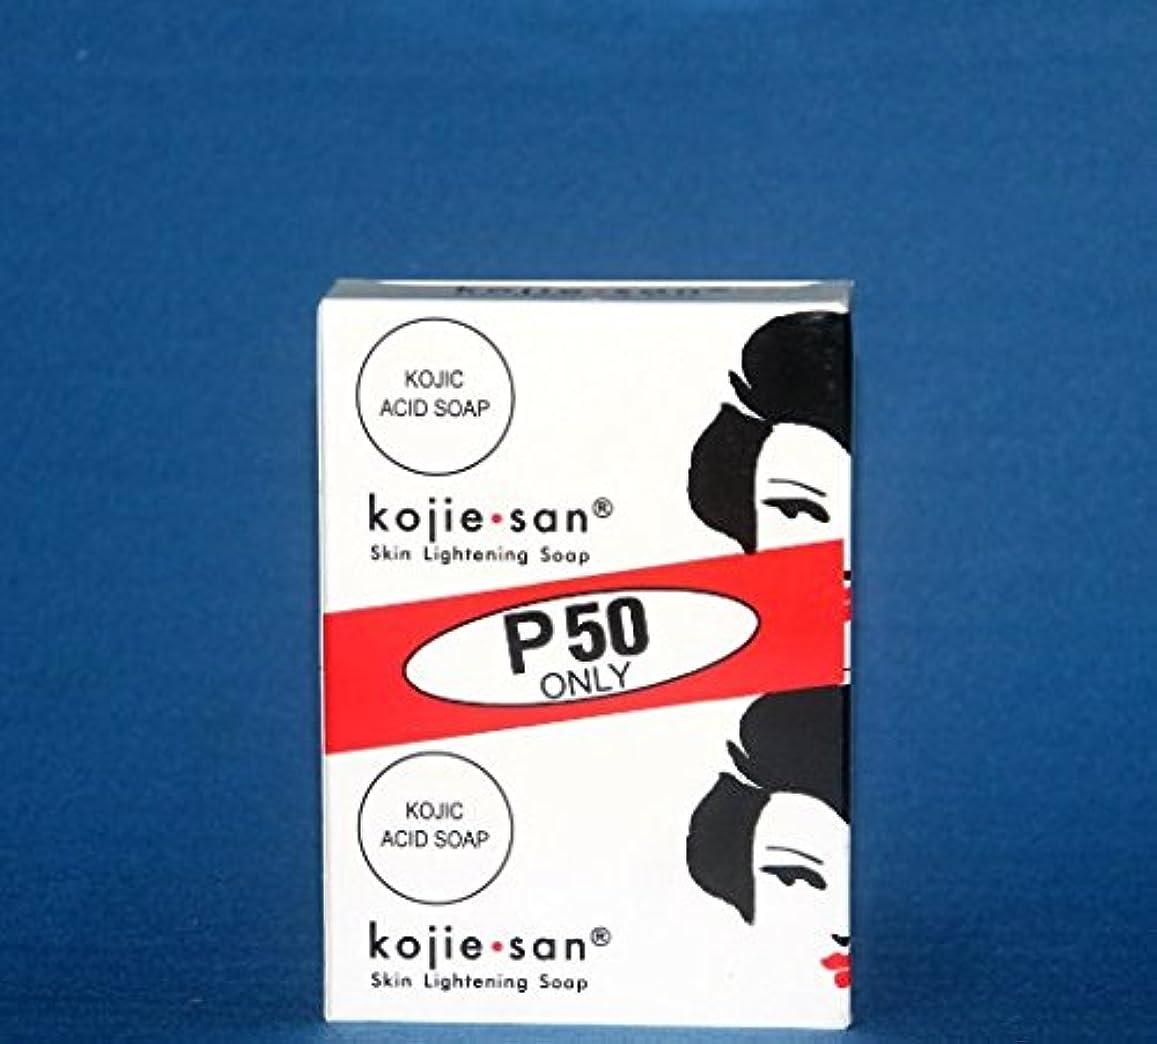 子犬消化不正Kojie san Skin Lightening Soap 2 pcs こじえさん スキンライトニングソープ 2個 パック [並行輸入品]